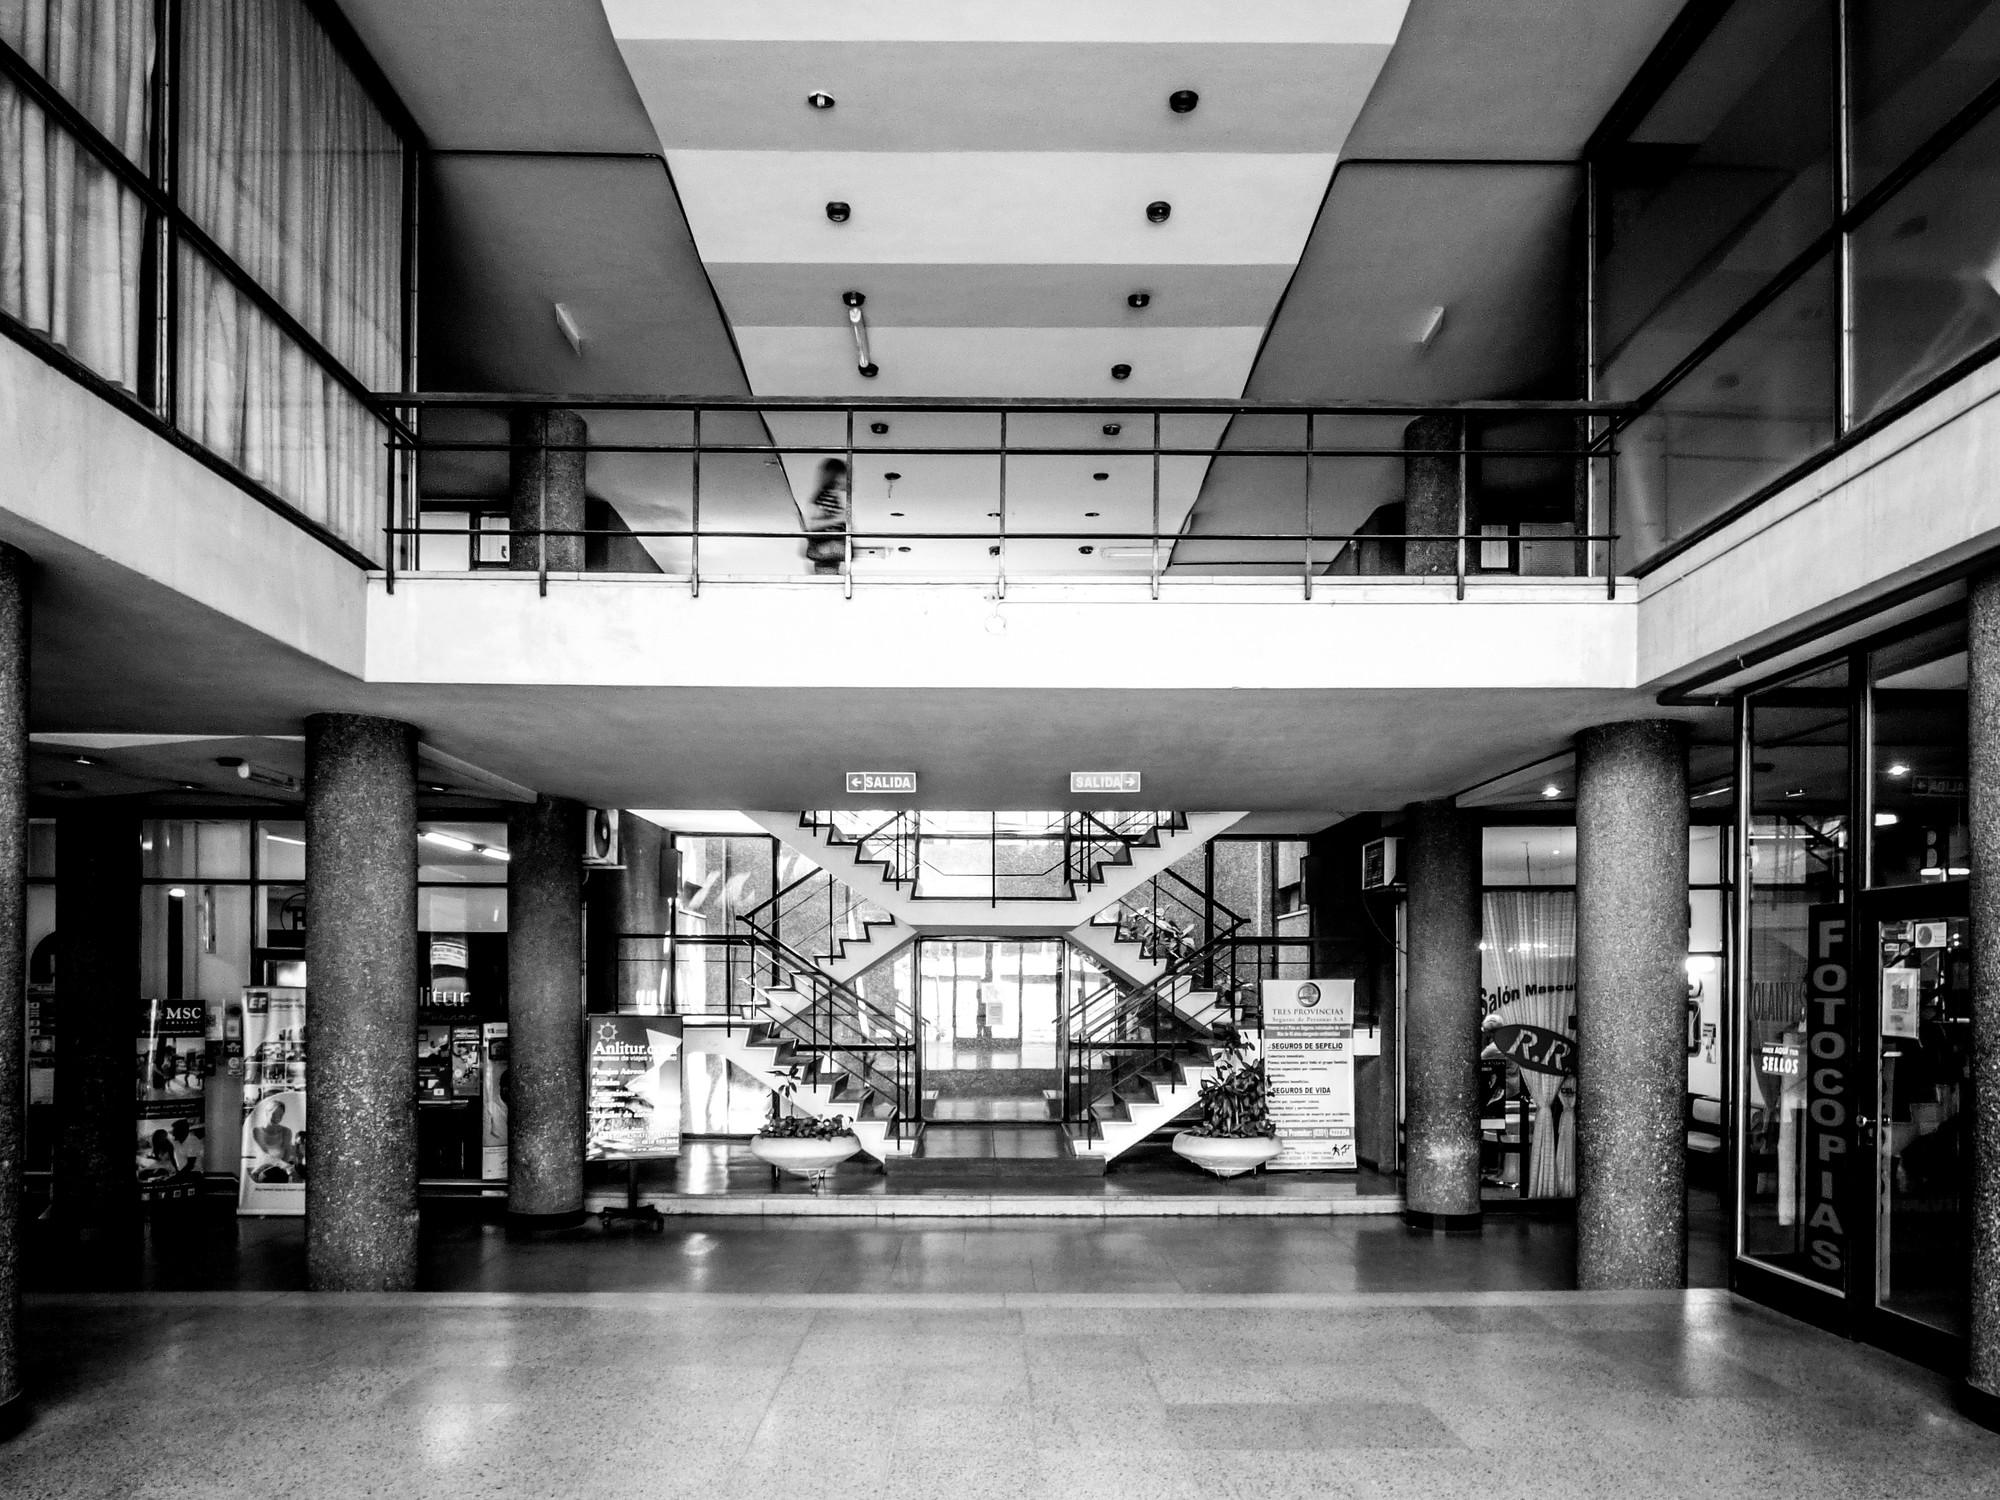 Galer a de cl sicos de arquitectura edificio y galer a - Galeria comercial ...